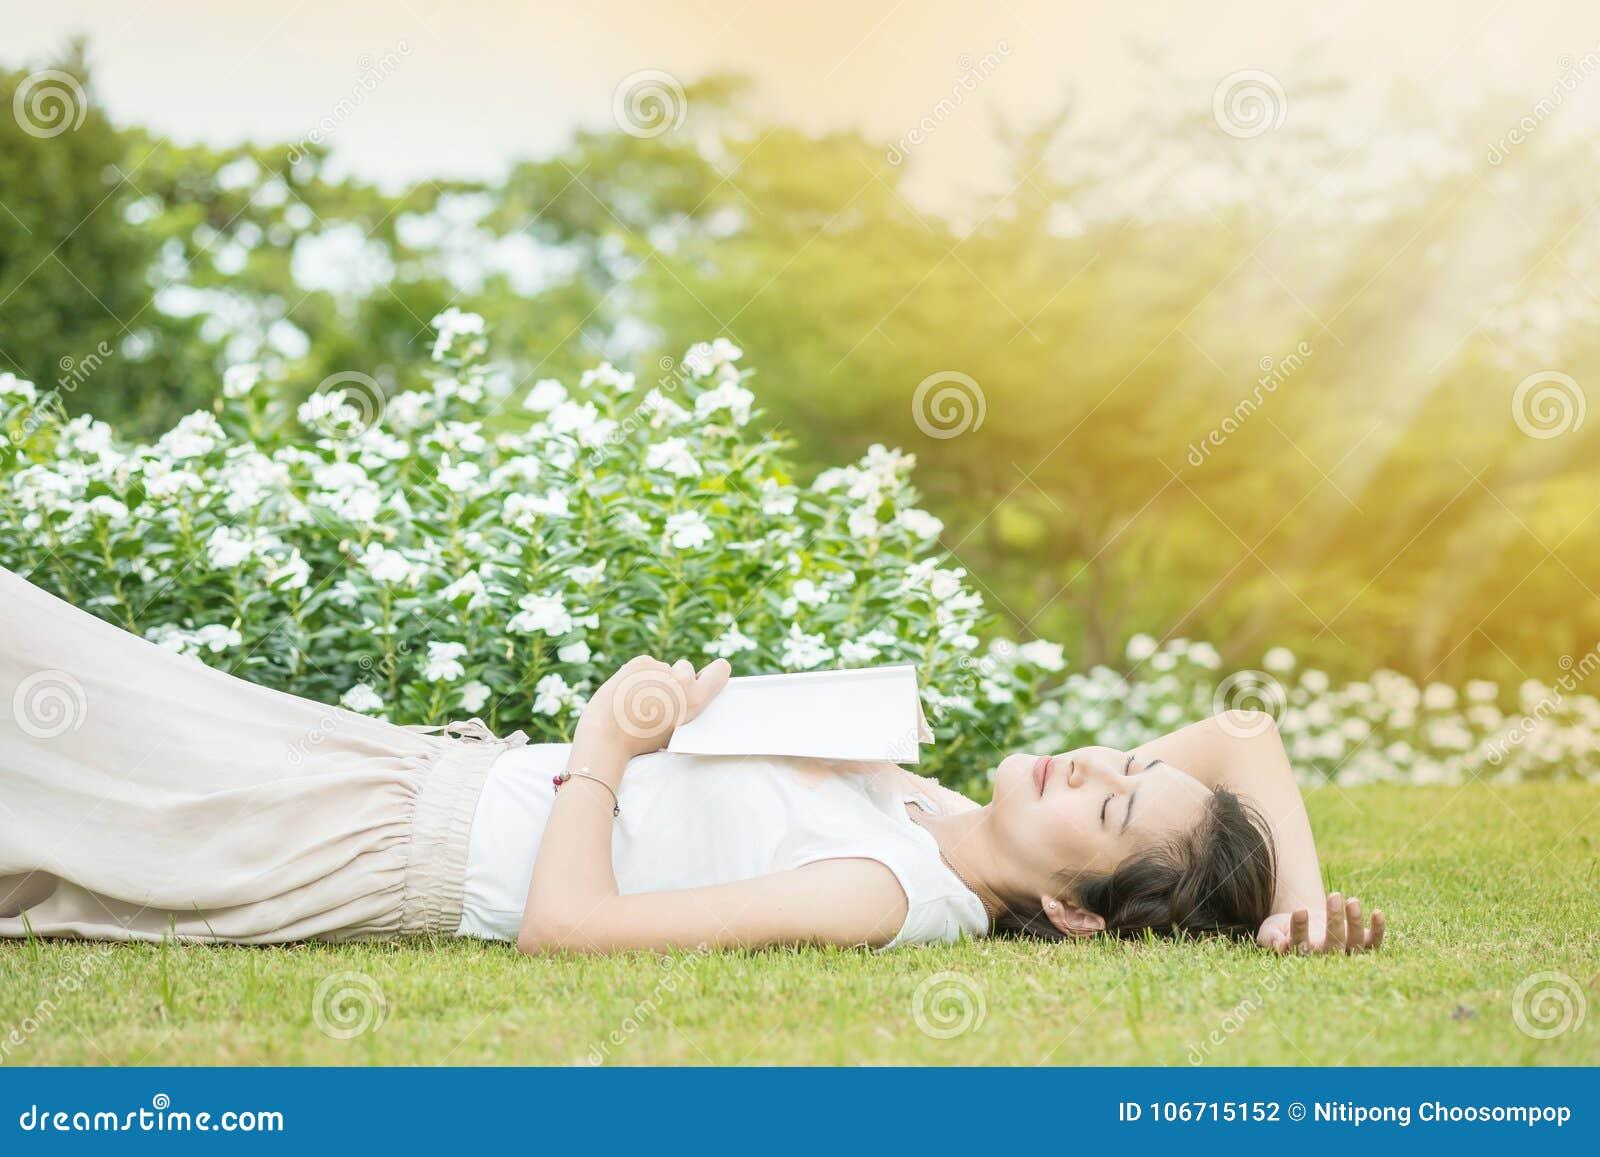 Het Aziatische gebied van het vrouwen liggende gras nadat zij voor het lezen van een boek in de middag vermoeide